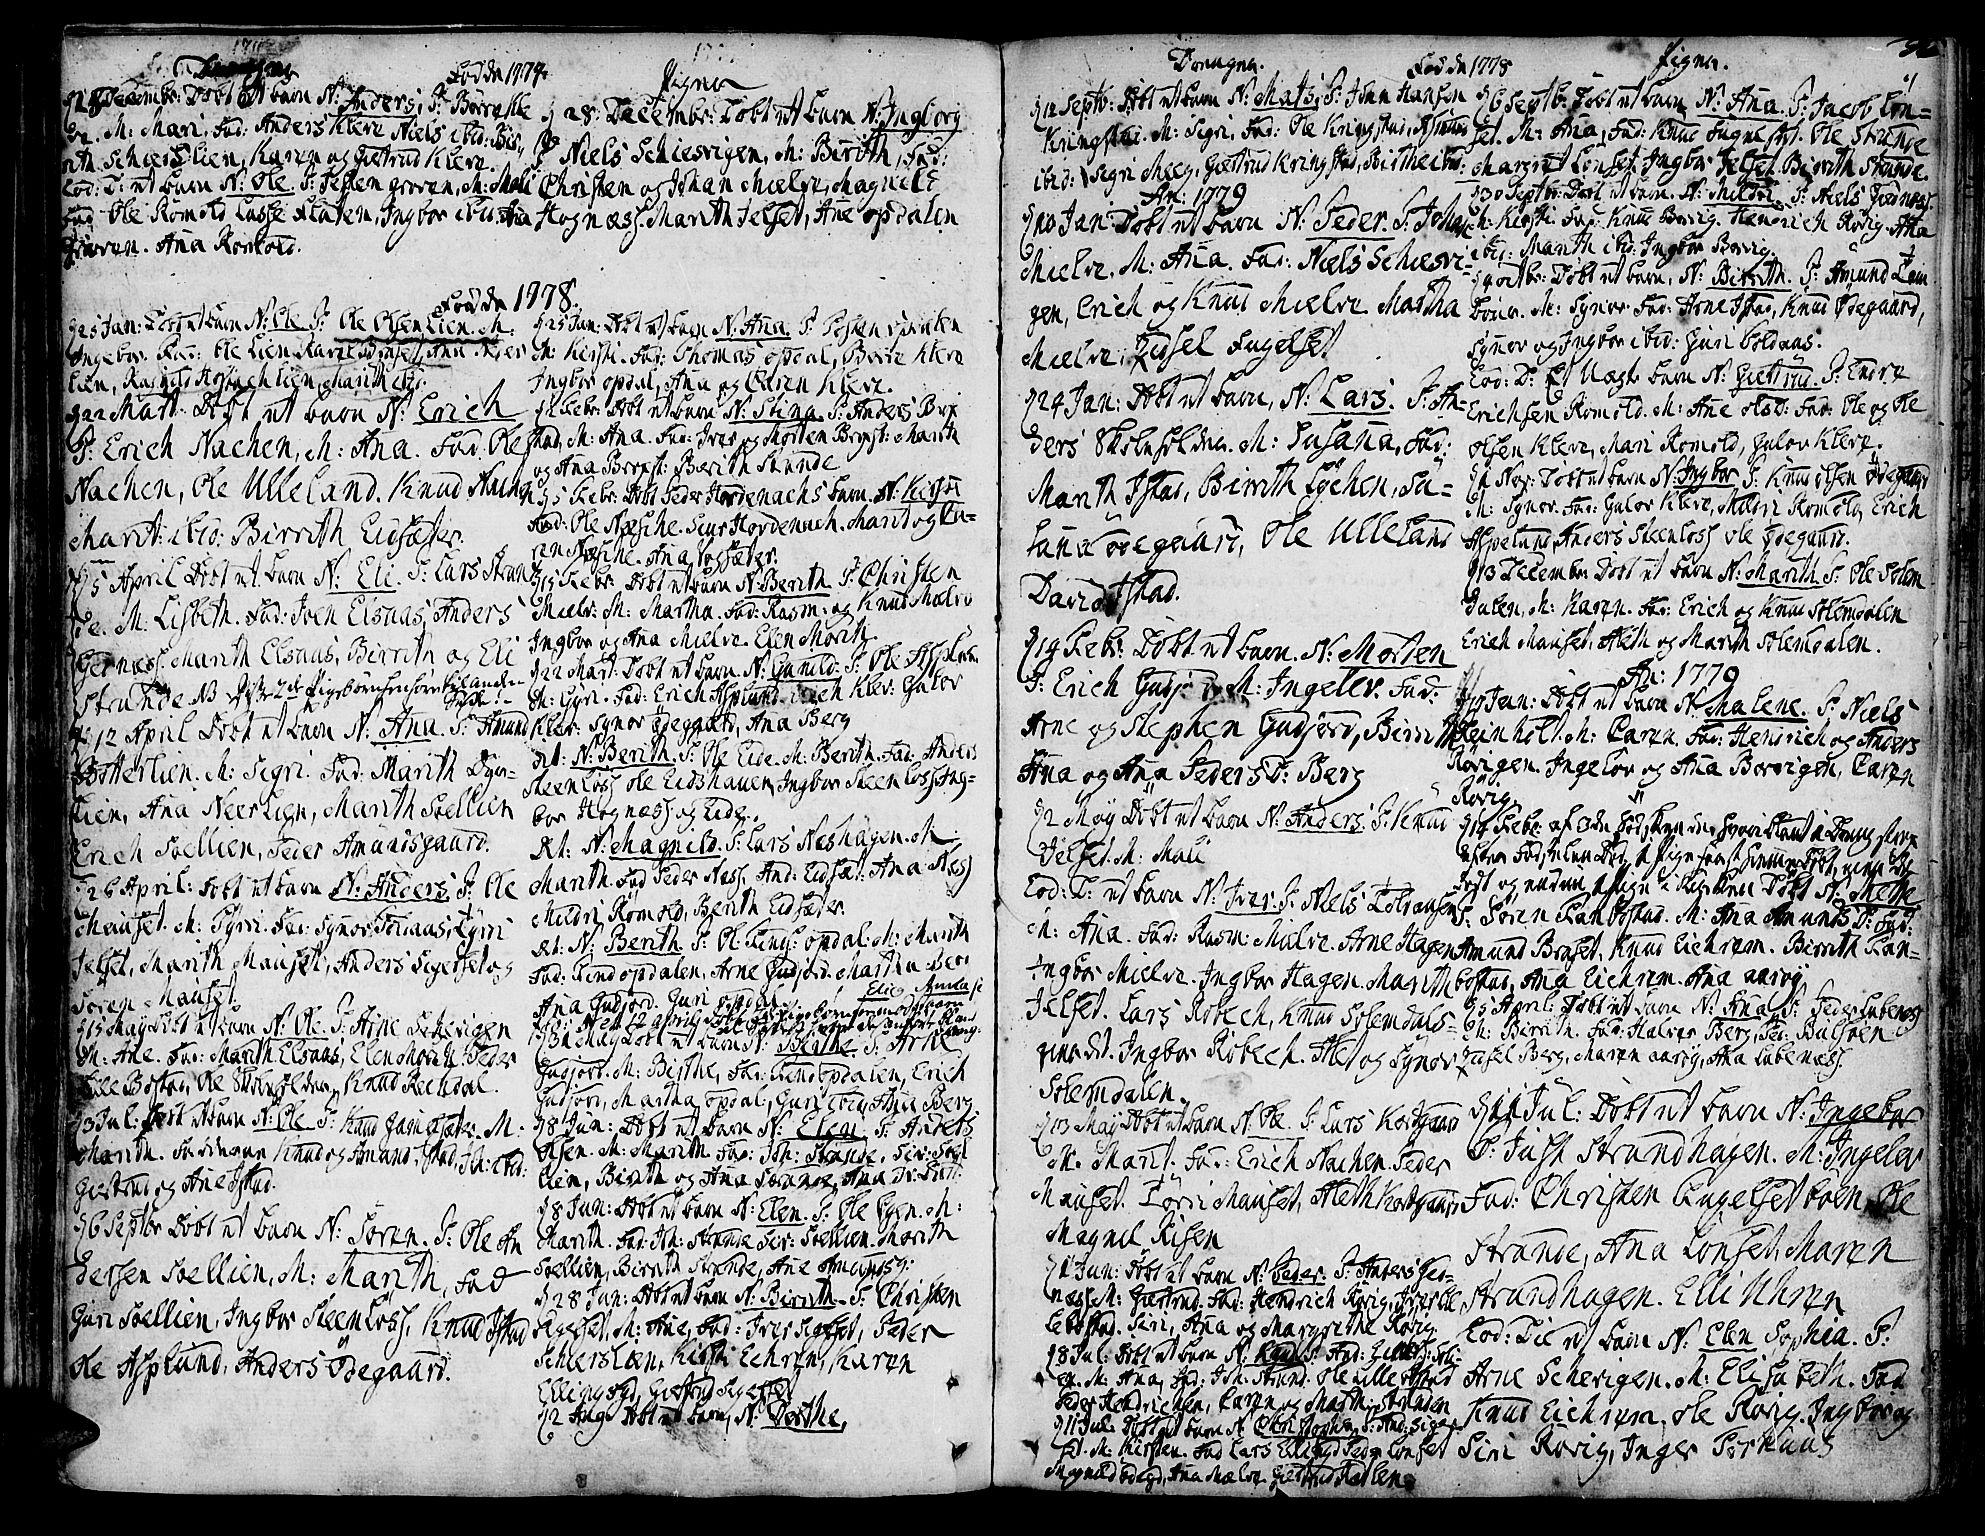 SAT, Ministerialprotokoller, klokkerbøker og fødselsregistre - Møre og Romsdal, 555/L0648: Ministerialbok nr. 555A01, 1759-1793, s. 52